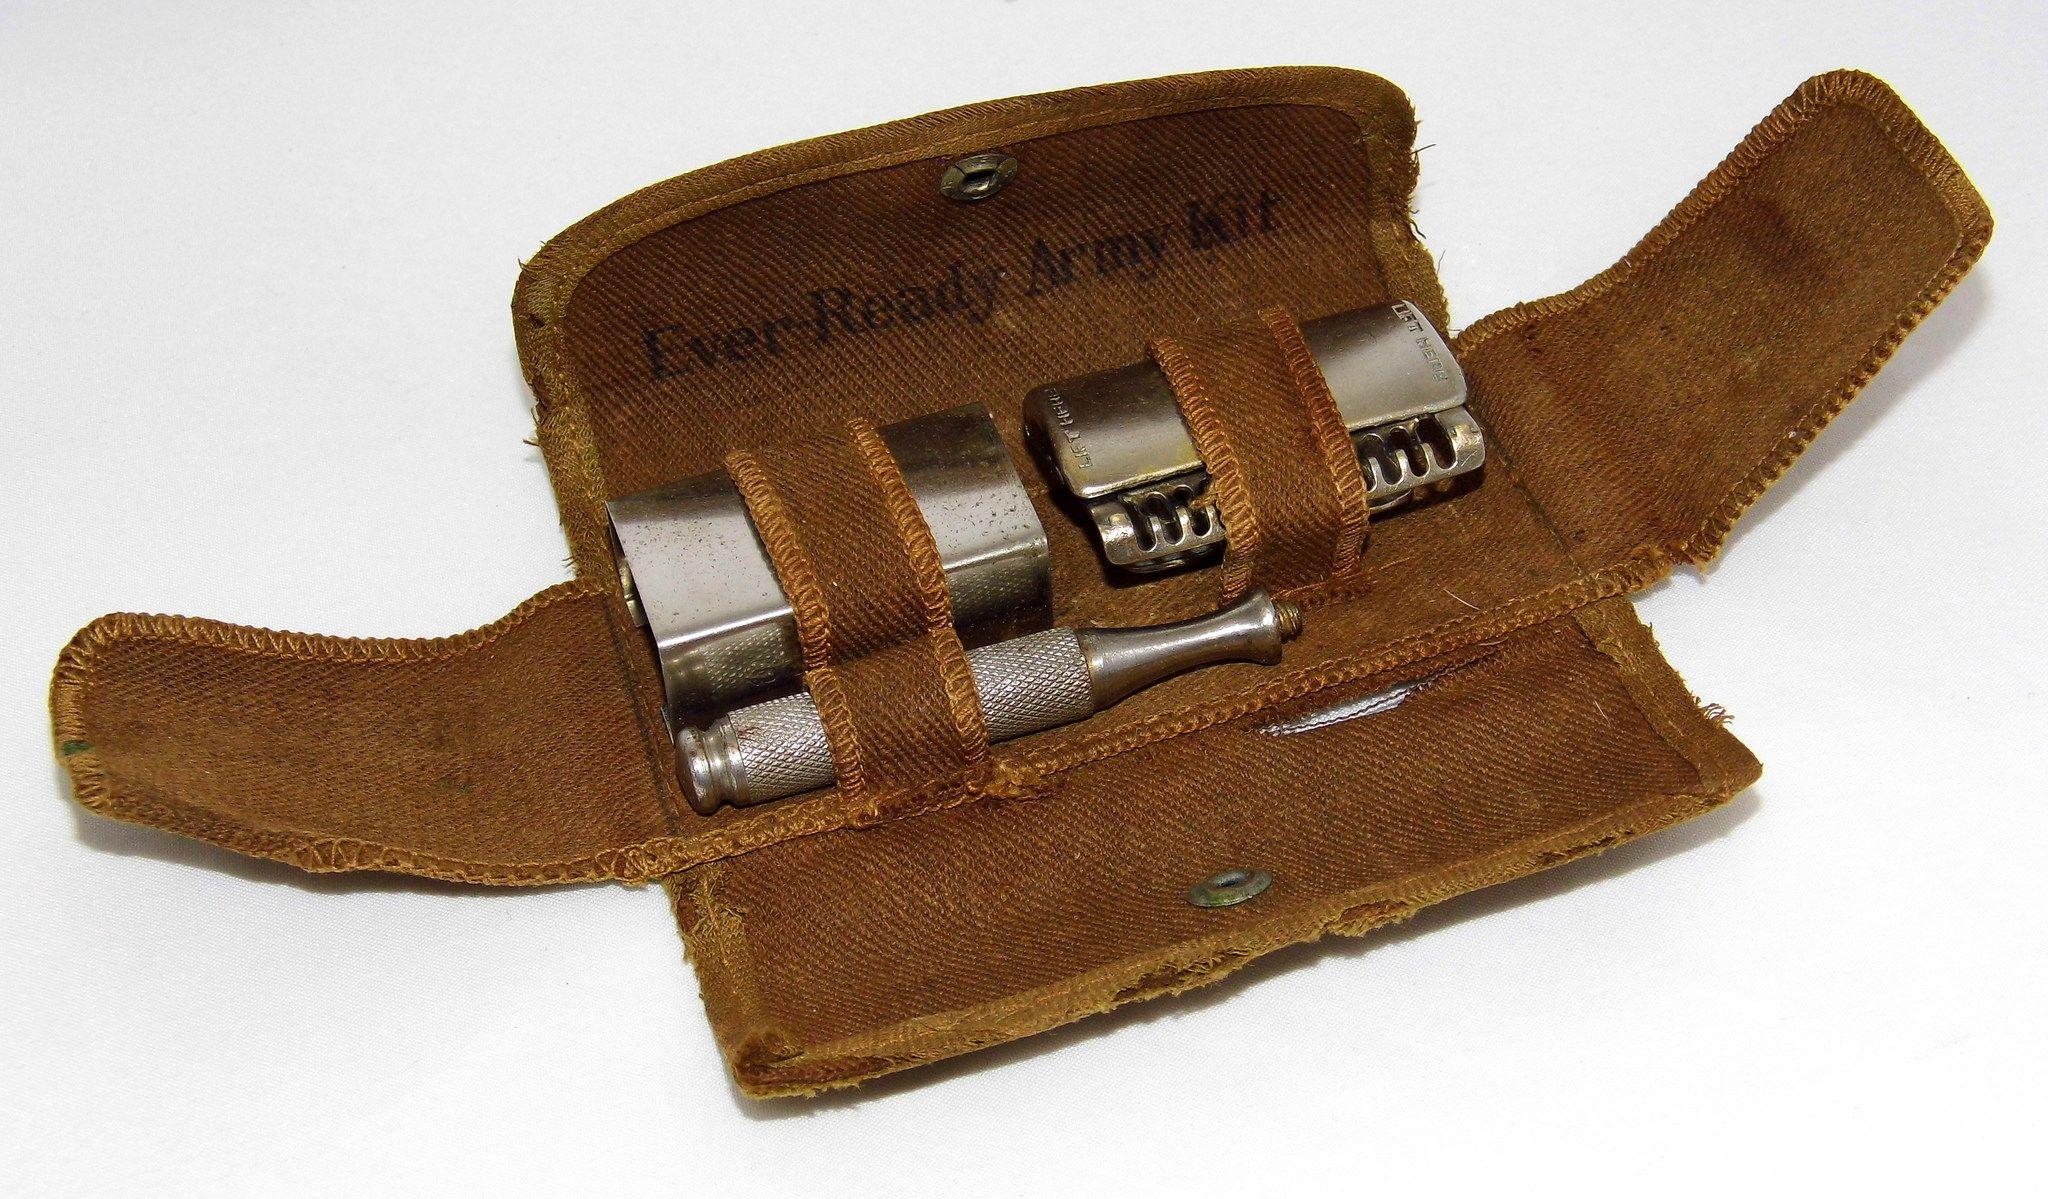 Vintage EverReady Army Kit Safety Razor, Canvas Holder